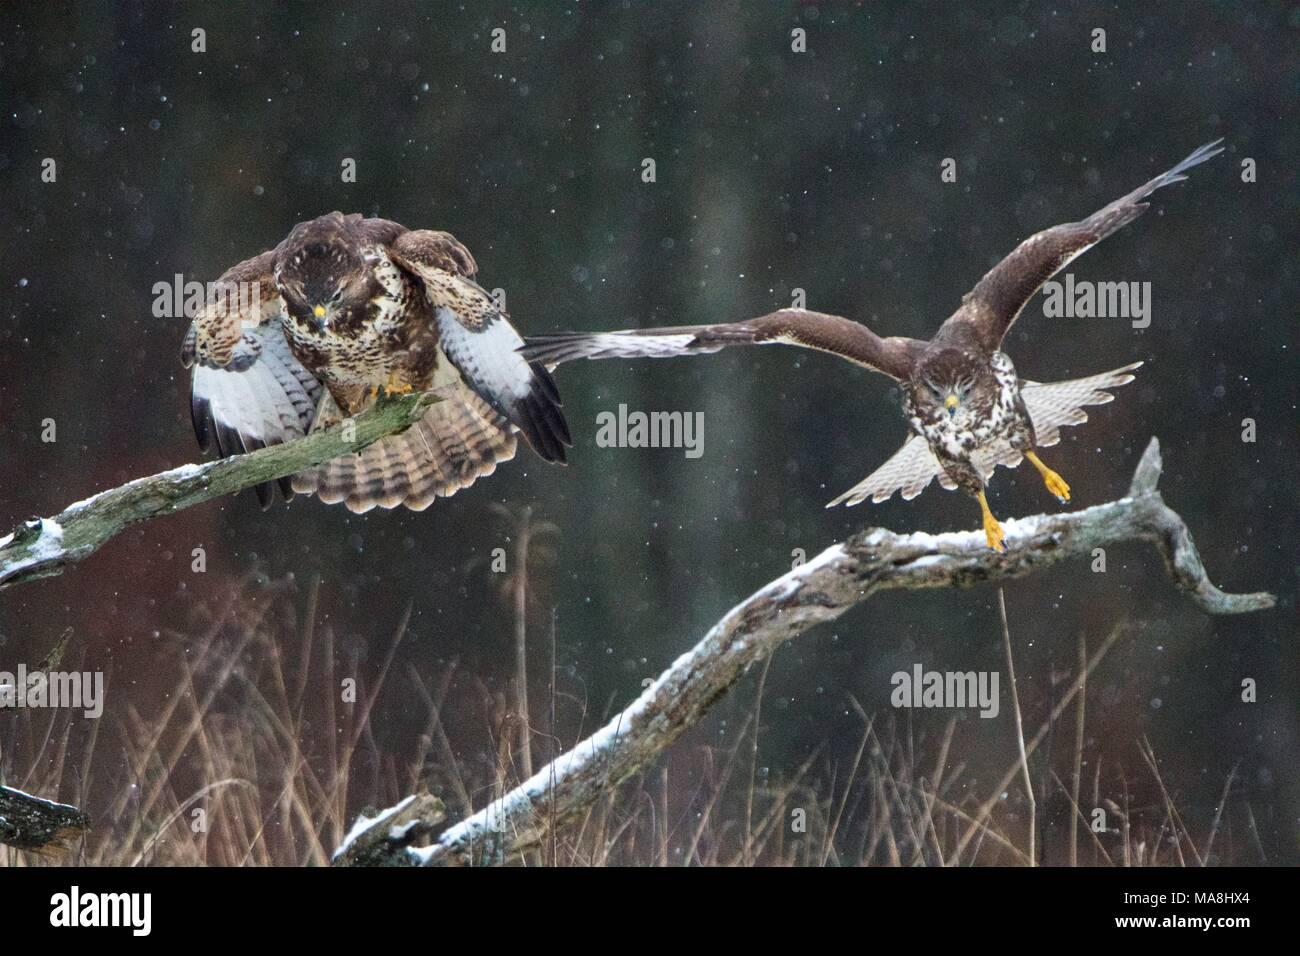 Common Buzzard (Buteo buteo) in Bialowieza Forest, Poland Stock Photo